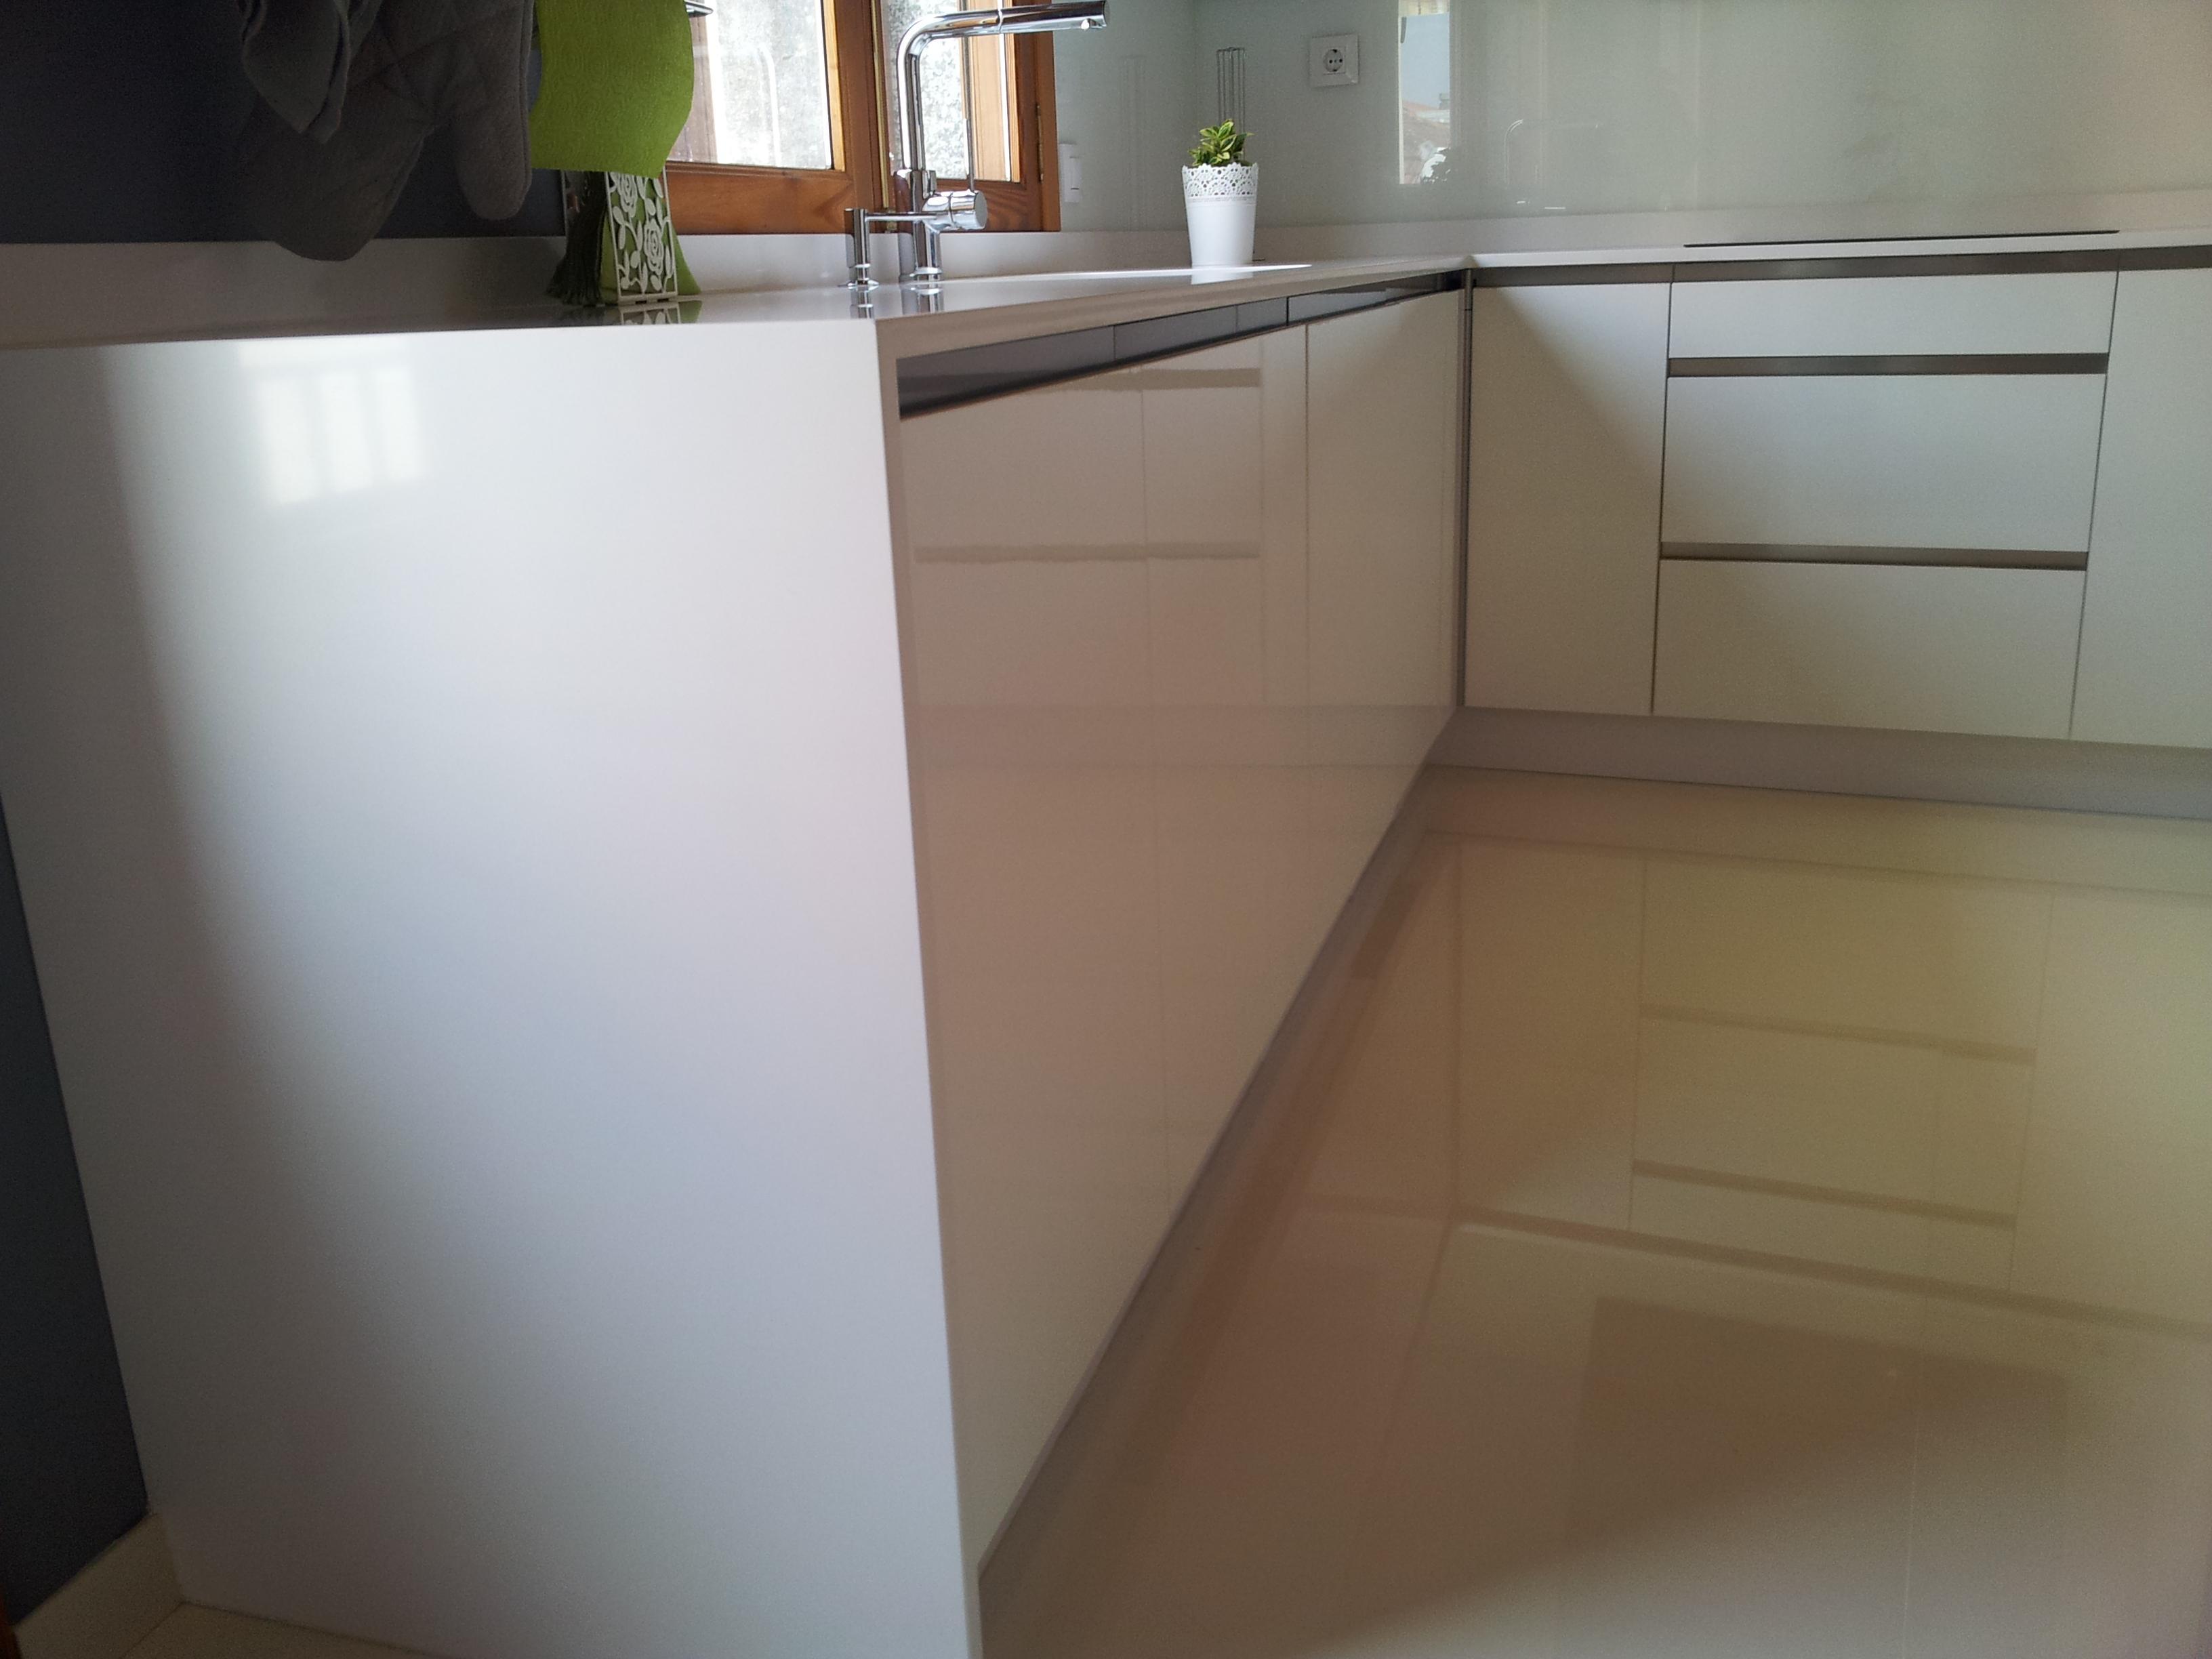 Carpinter a ote cocinas ote dise o y funcionalidad para su cocina - Tableros de cocina ...